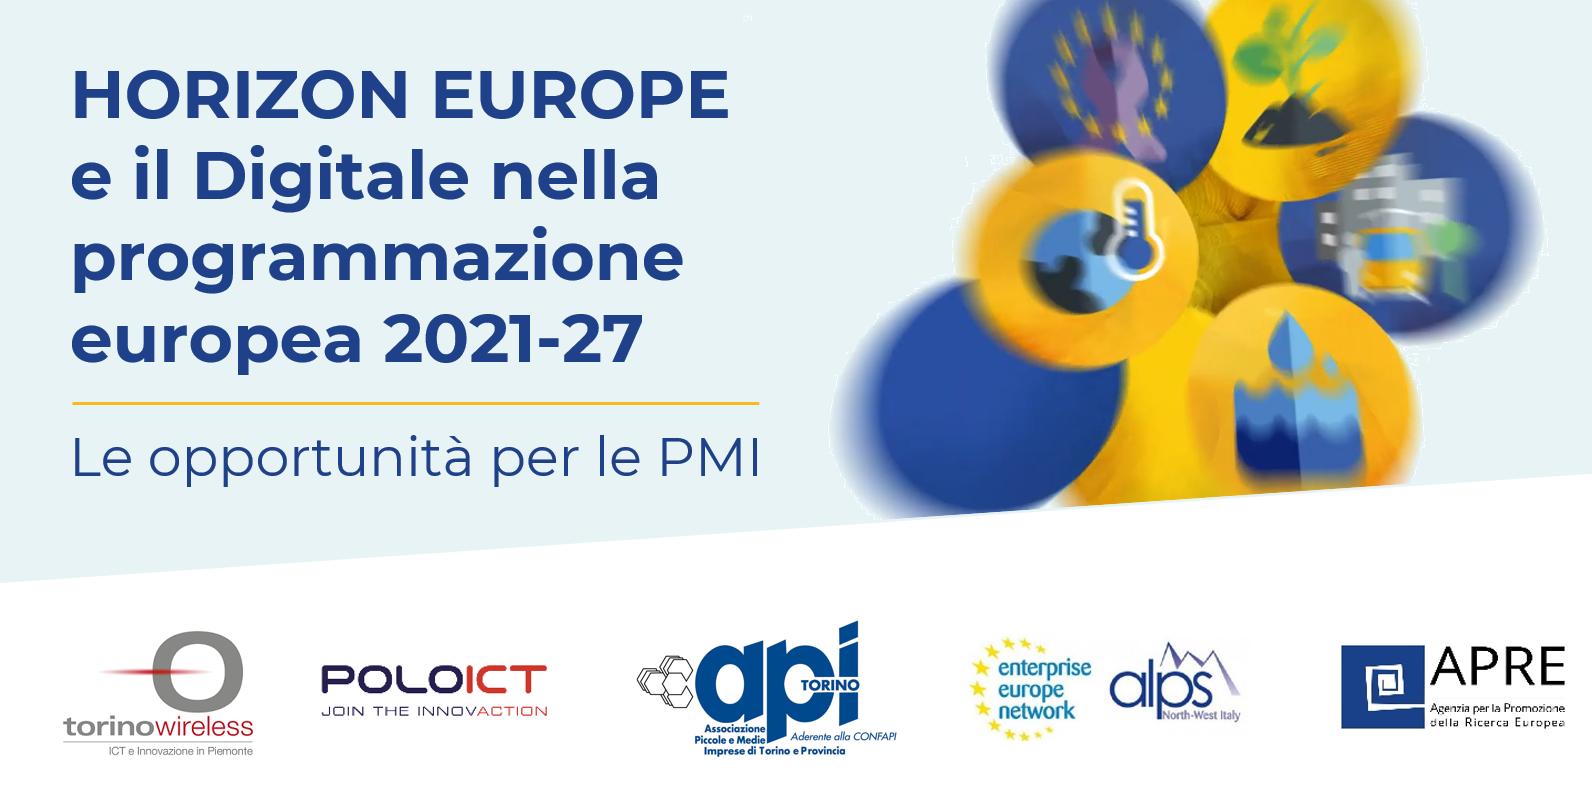 HORIZON EUROPE e il Digitale nella programmazione europea 2021-27